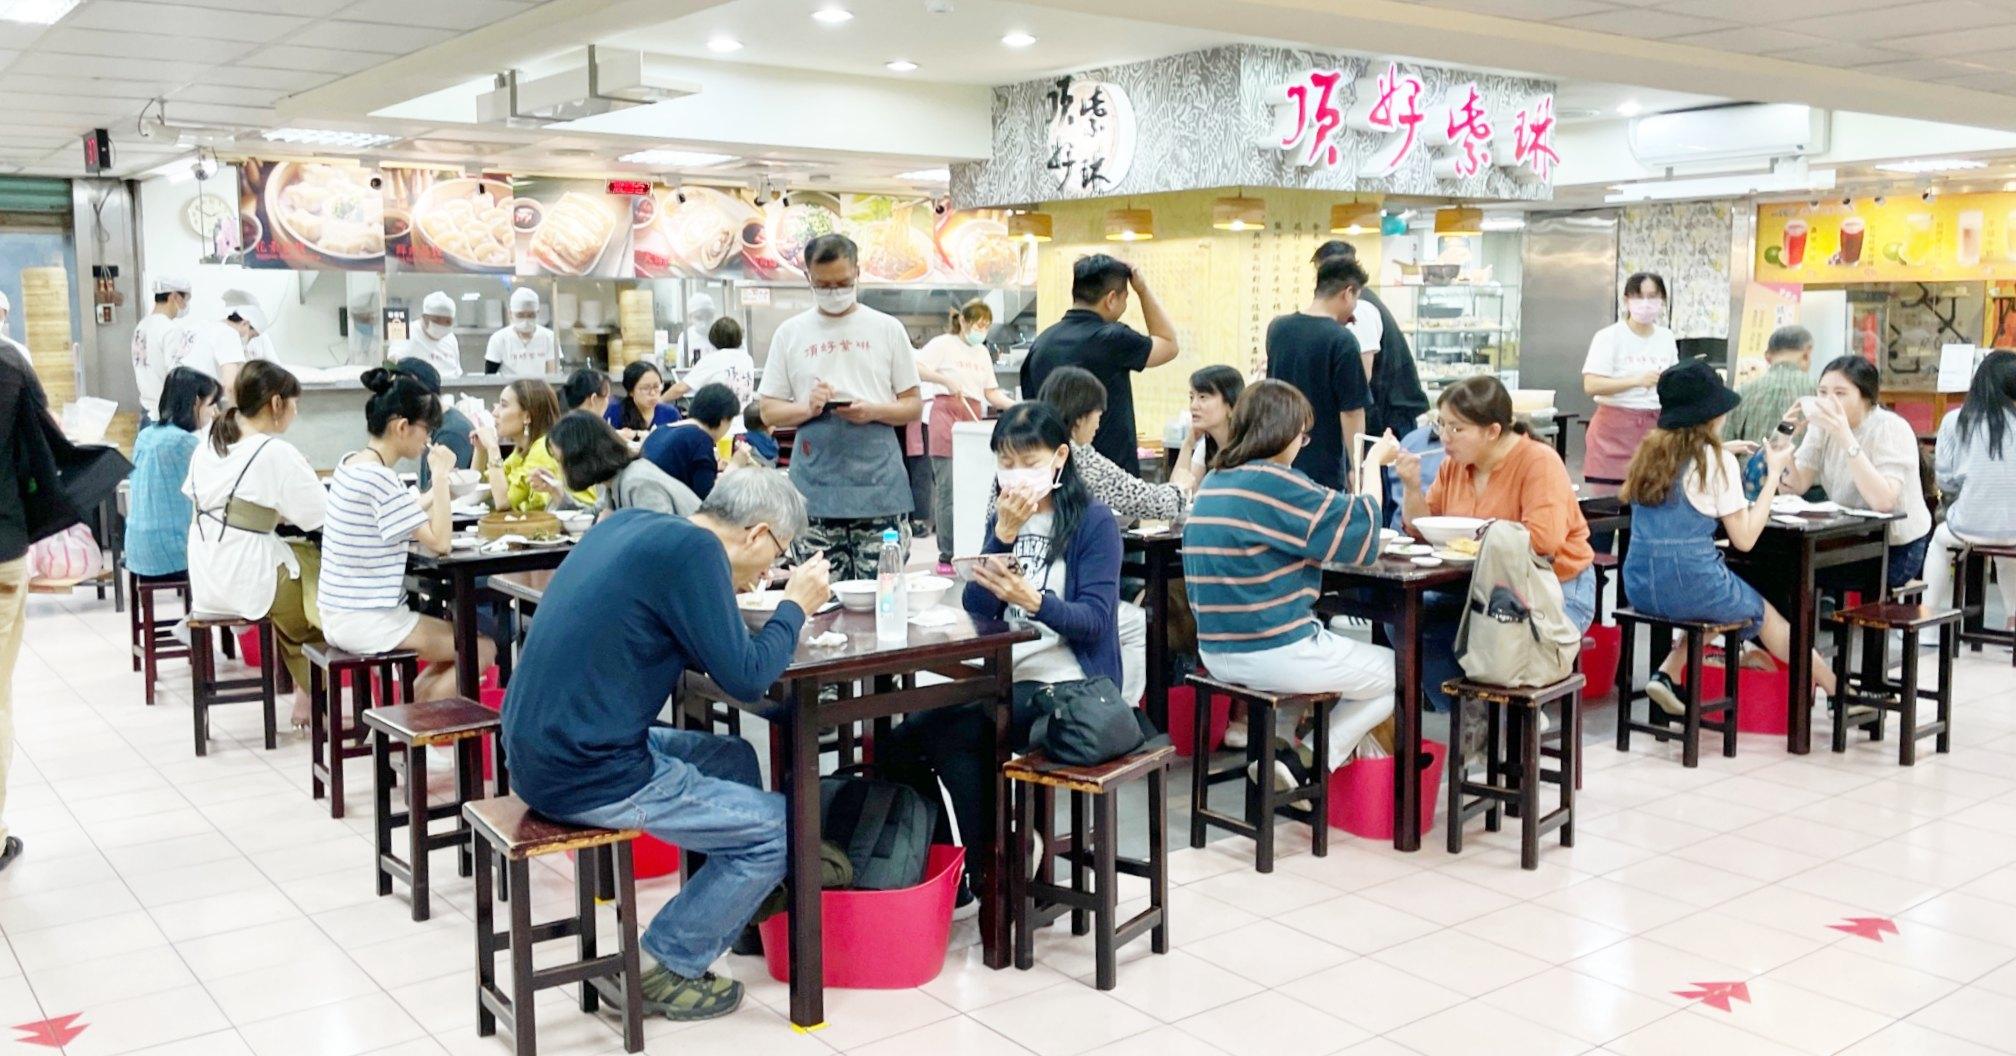 即時熱門文章:【忠孝敦化美食】頂好紫琳蒸餃館,吃蒸餃不如吃綠豆粥(菜單)